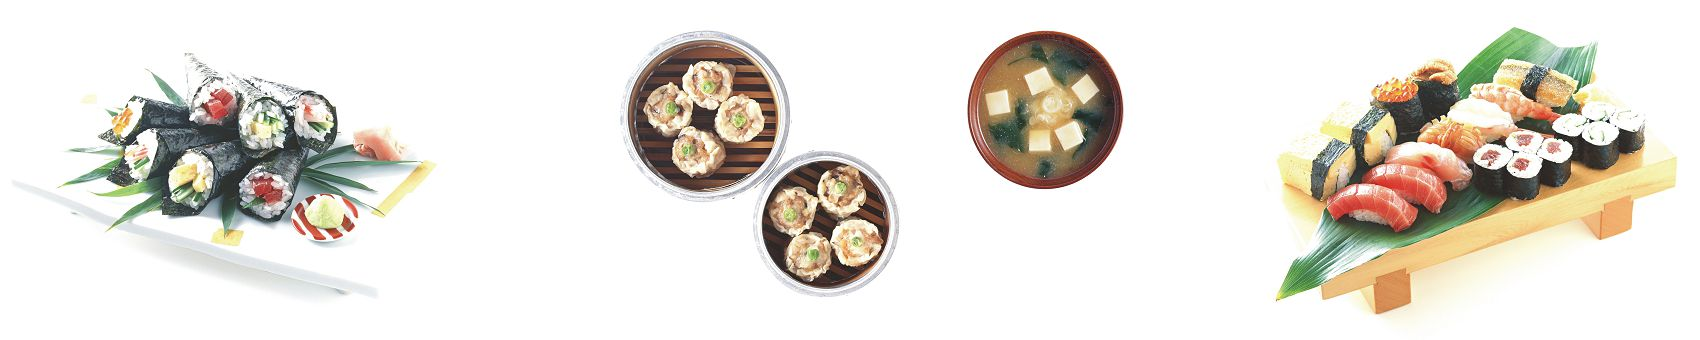 Японская еда скинали